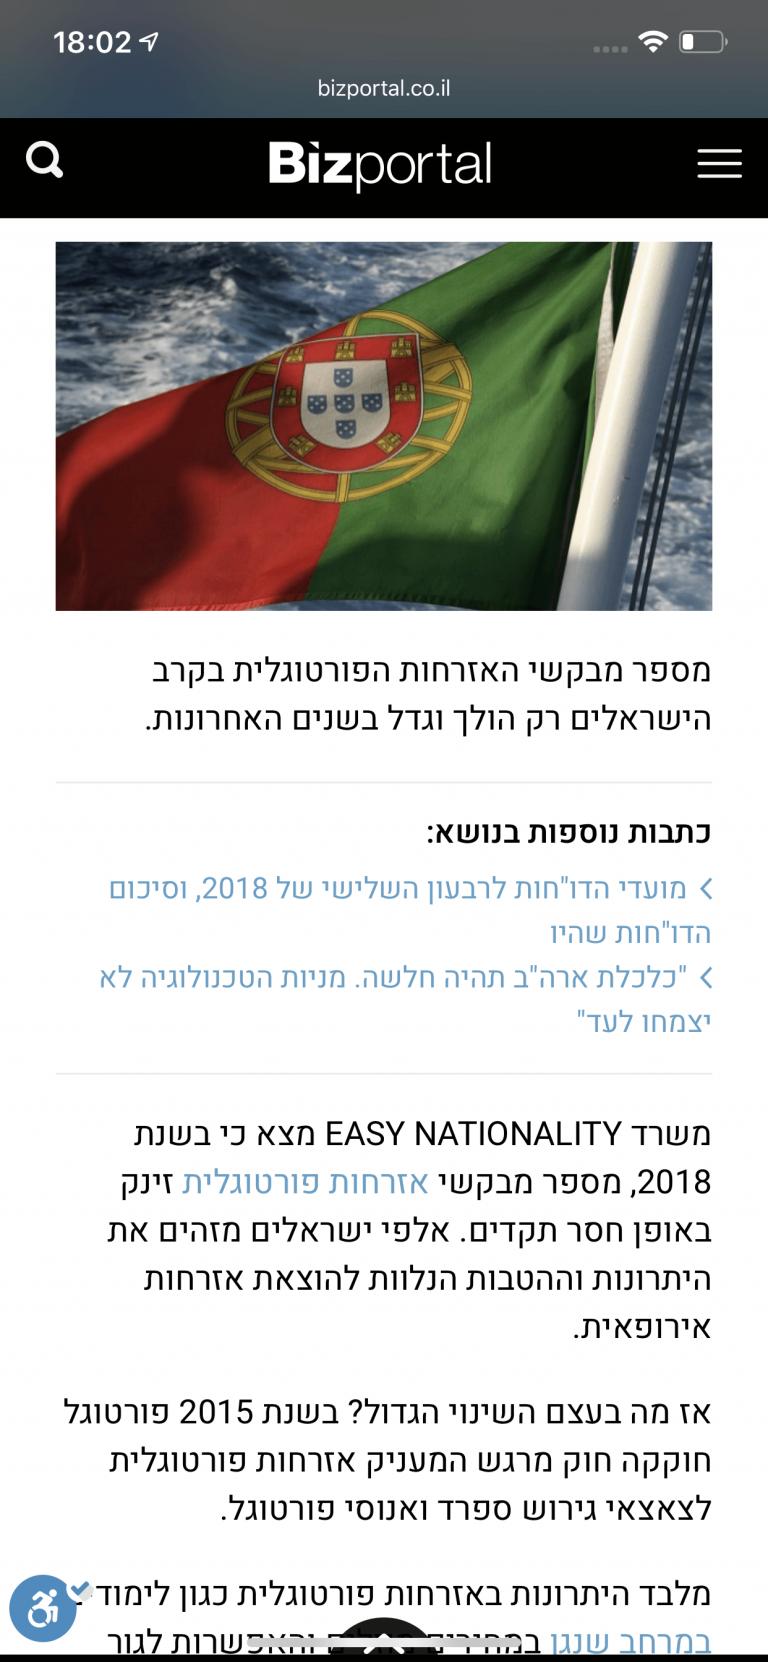 כתבה על הוצאת אזרחות פורטוגלית שלנו באתר ביז פורטוגל